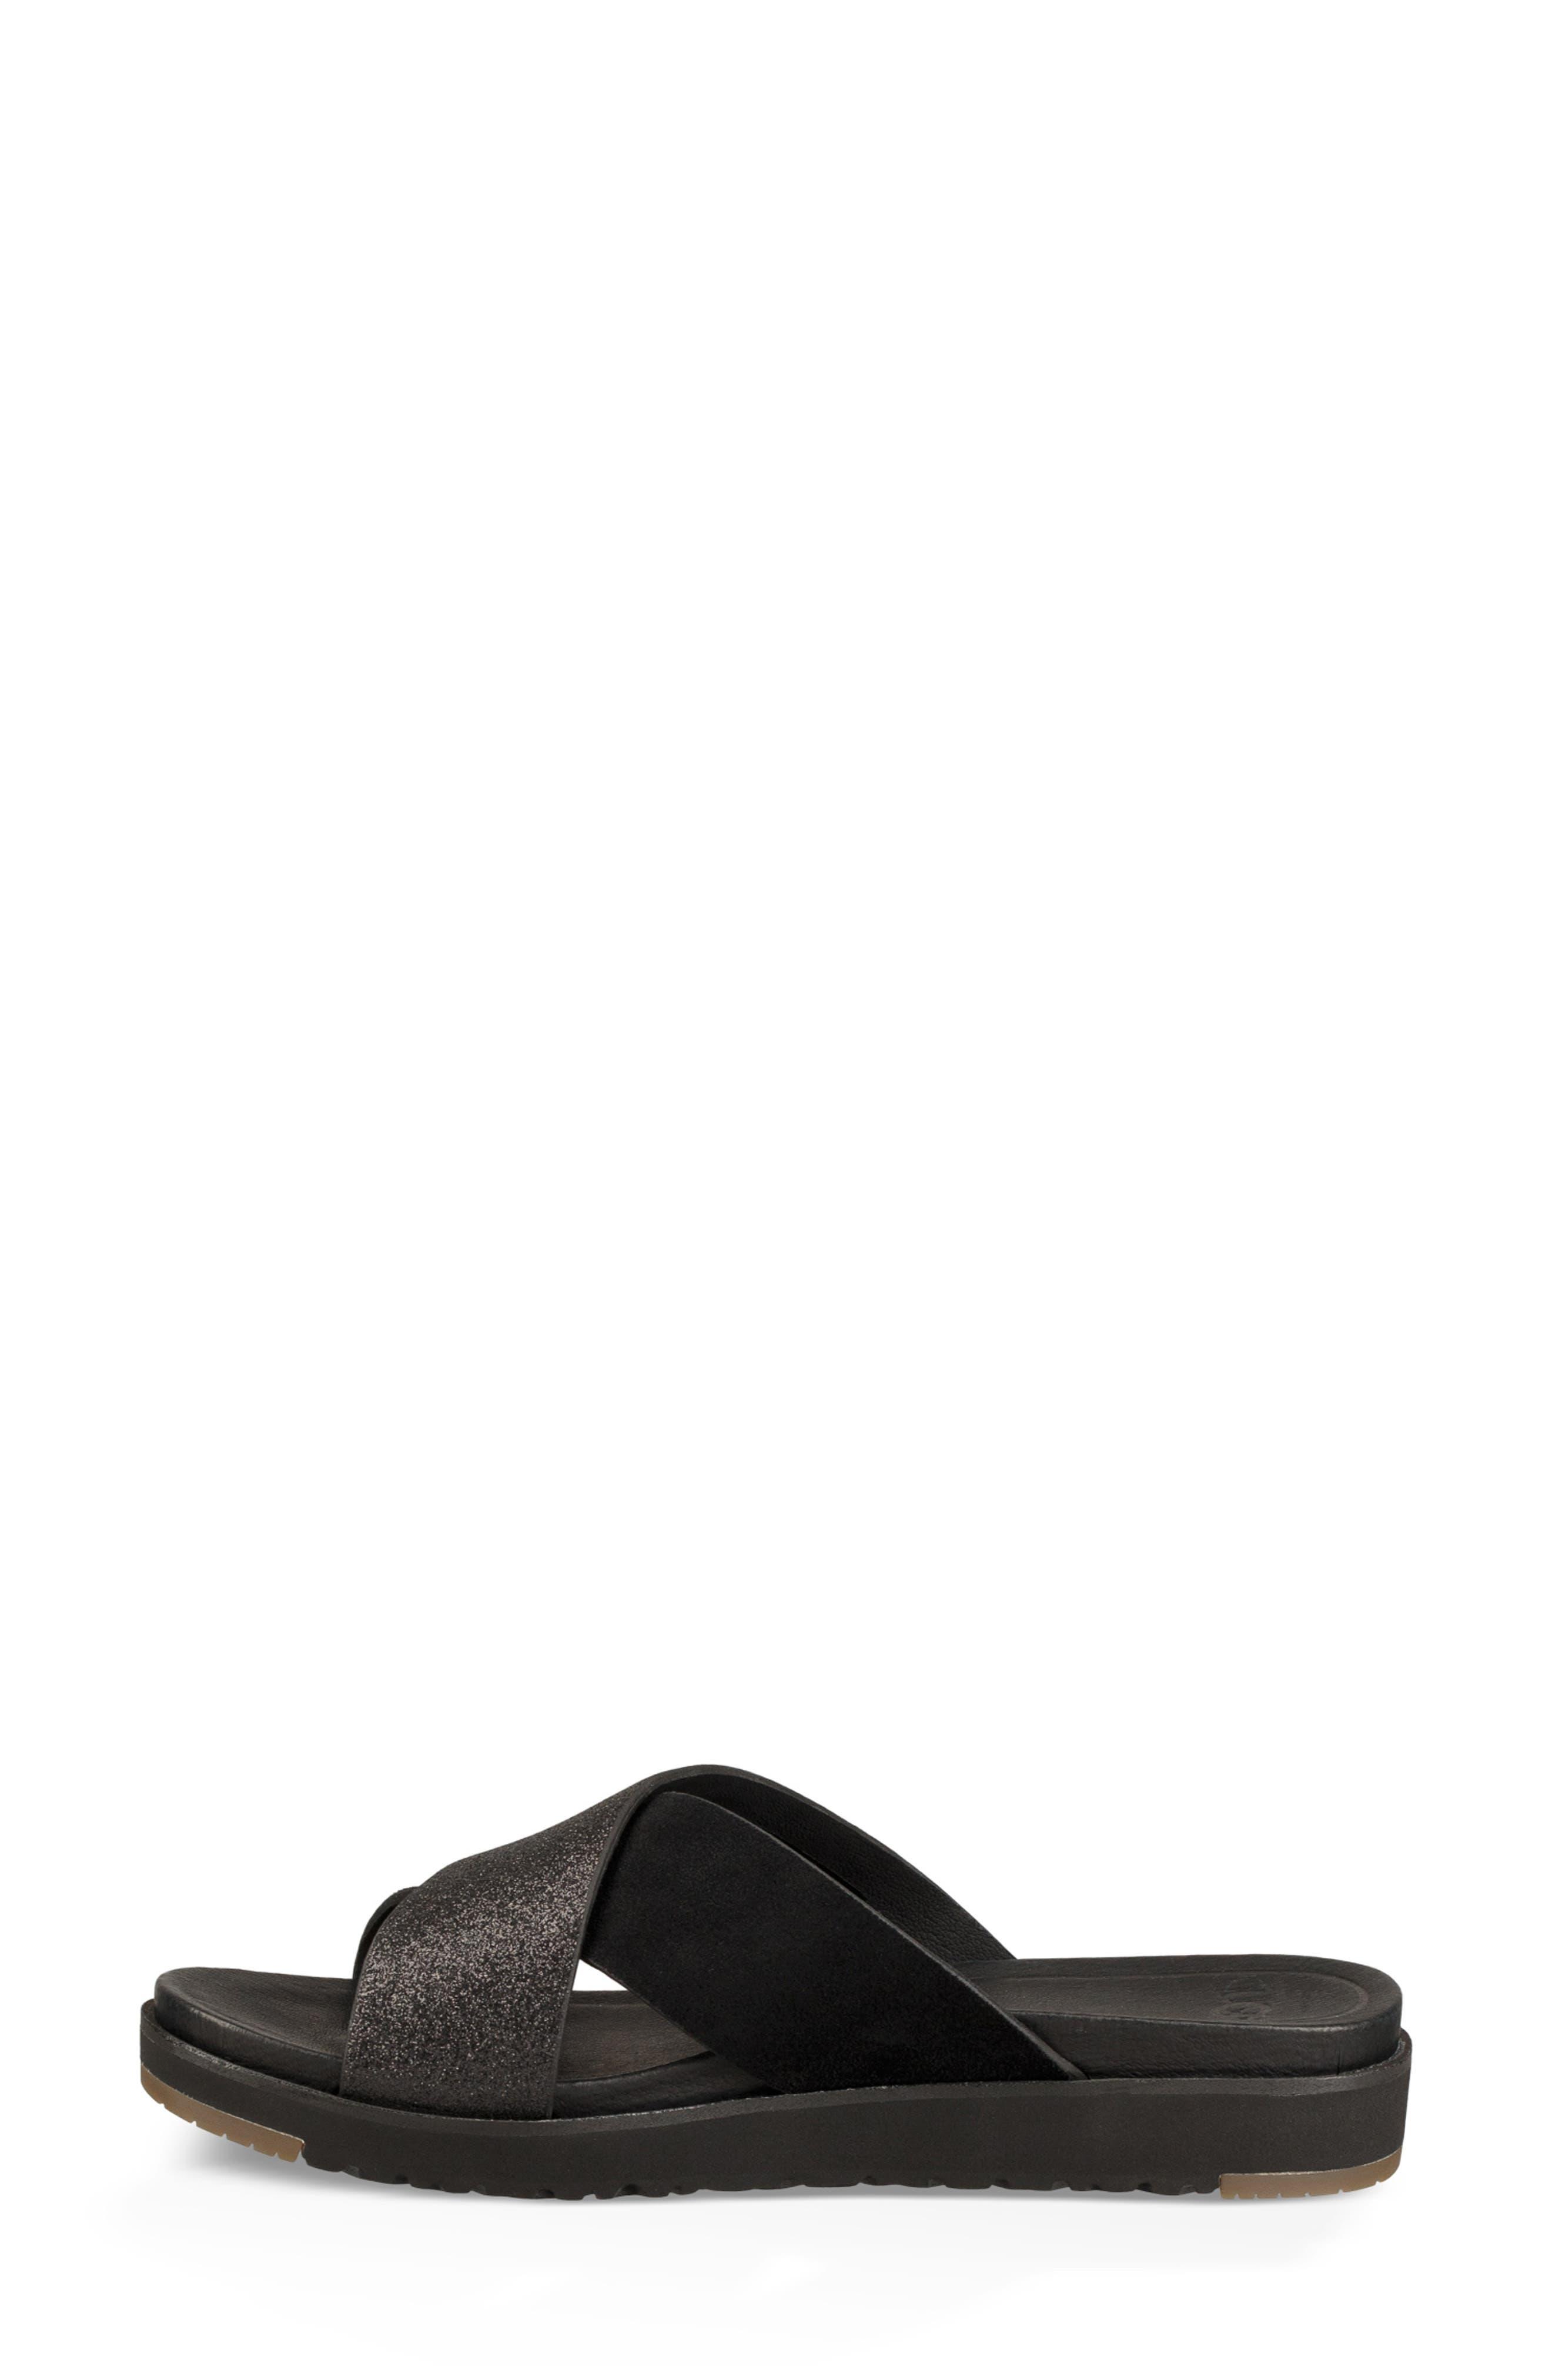 Kari Glitter Slide Sandal,                             Alternate thumbnail 6, color,                             BLACK LEATHER